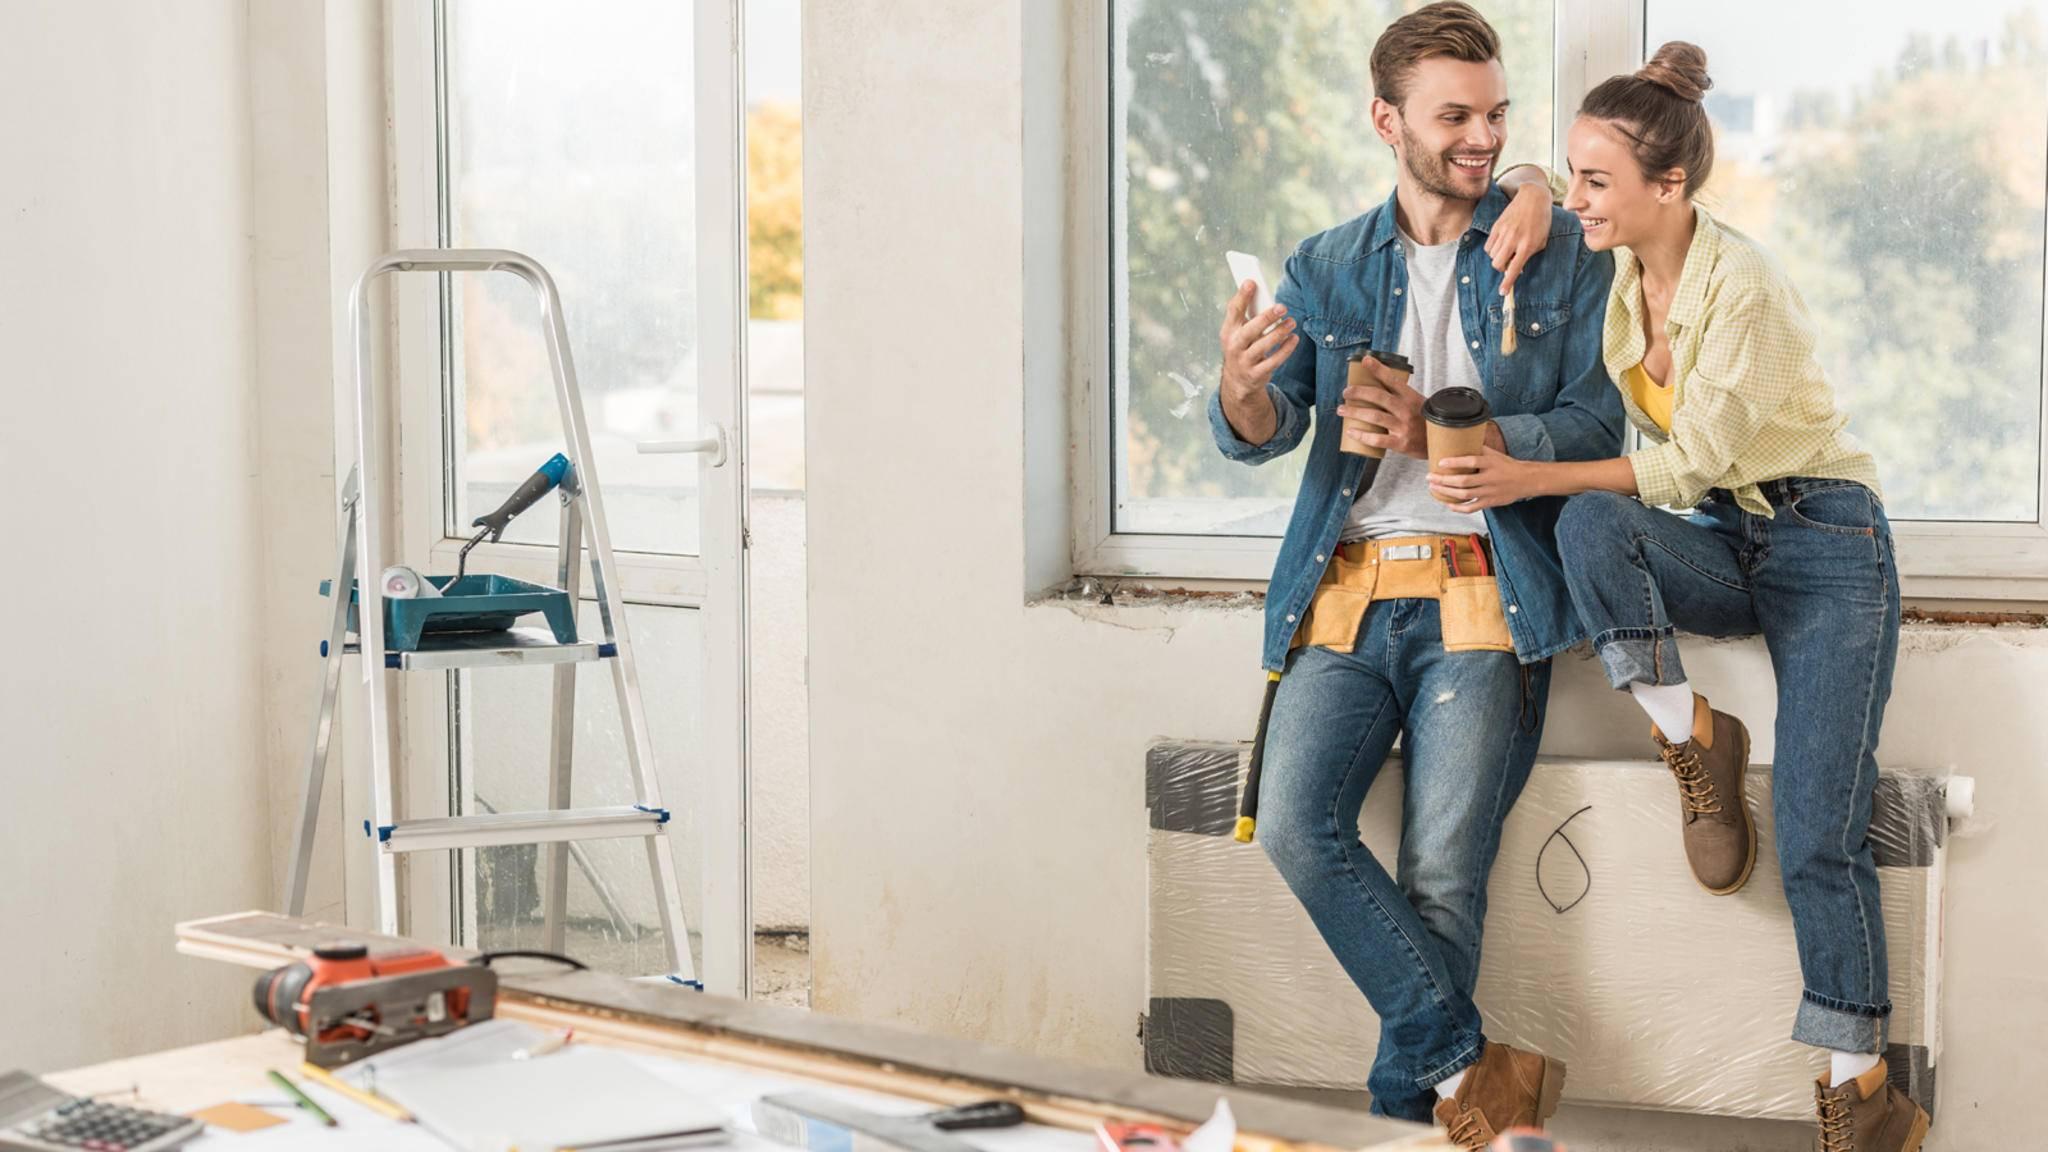 Mit den richtigen Handwerker-Apps werden auch Hobby-Heimwerker zu DIY-Profis.